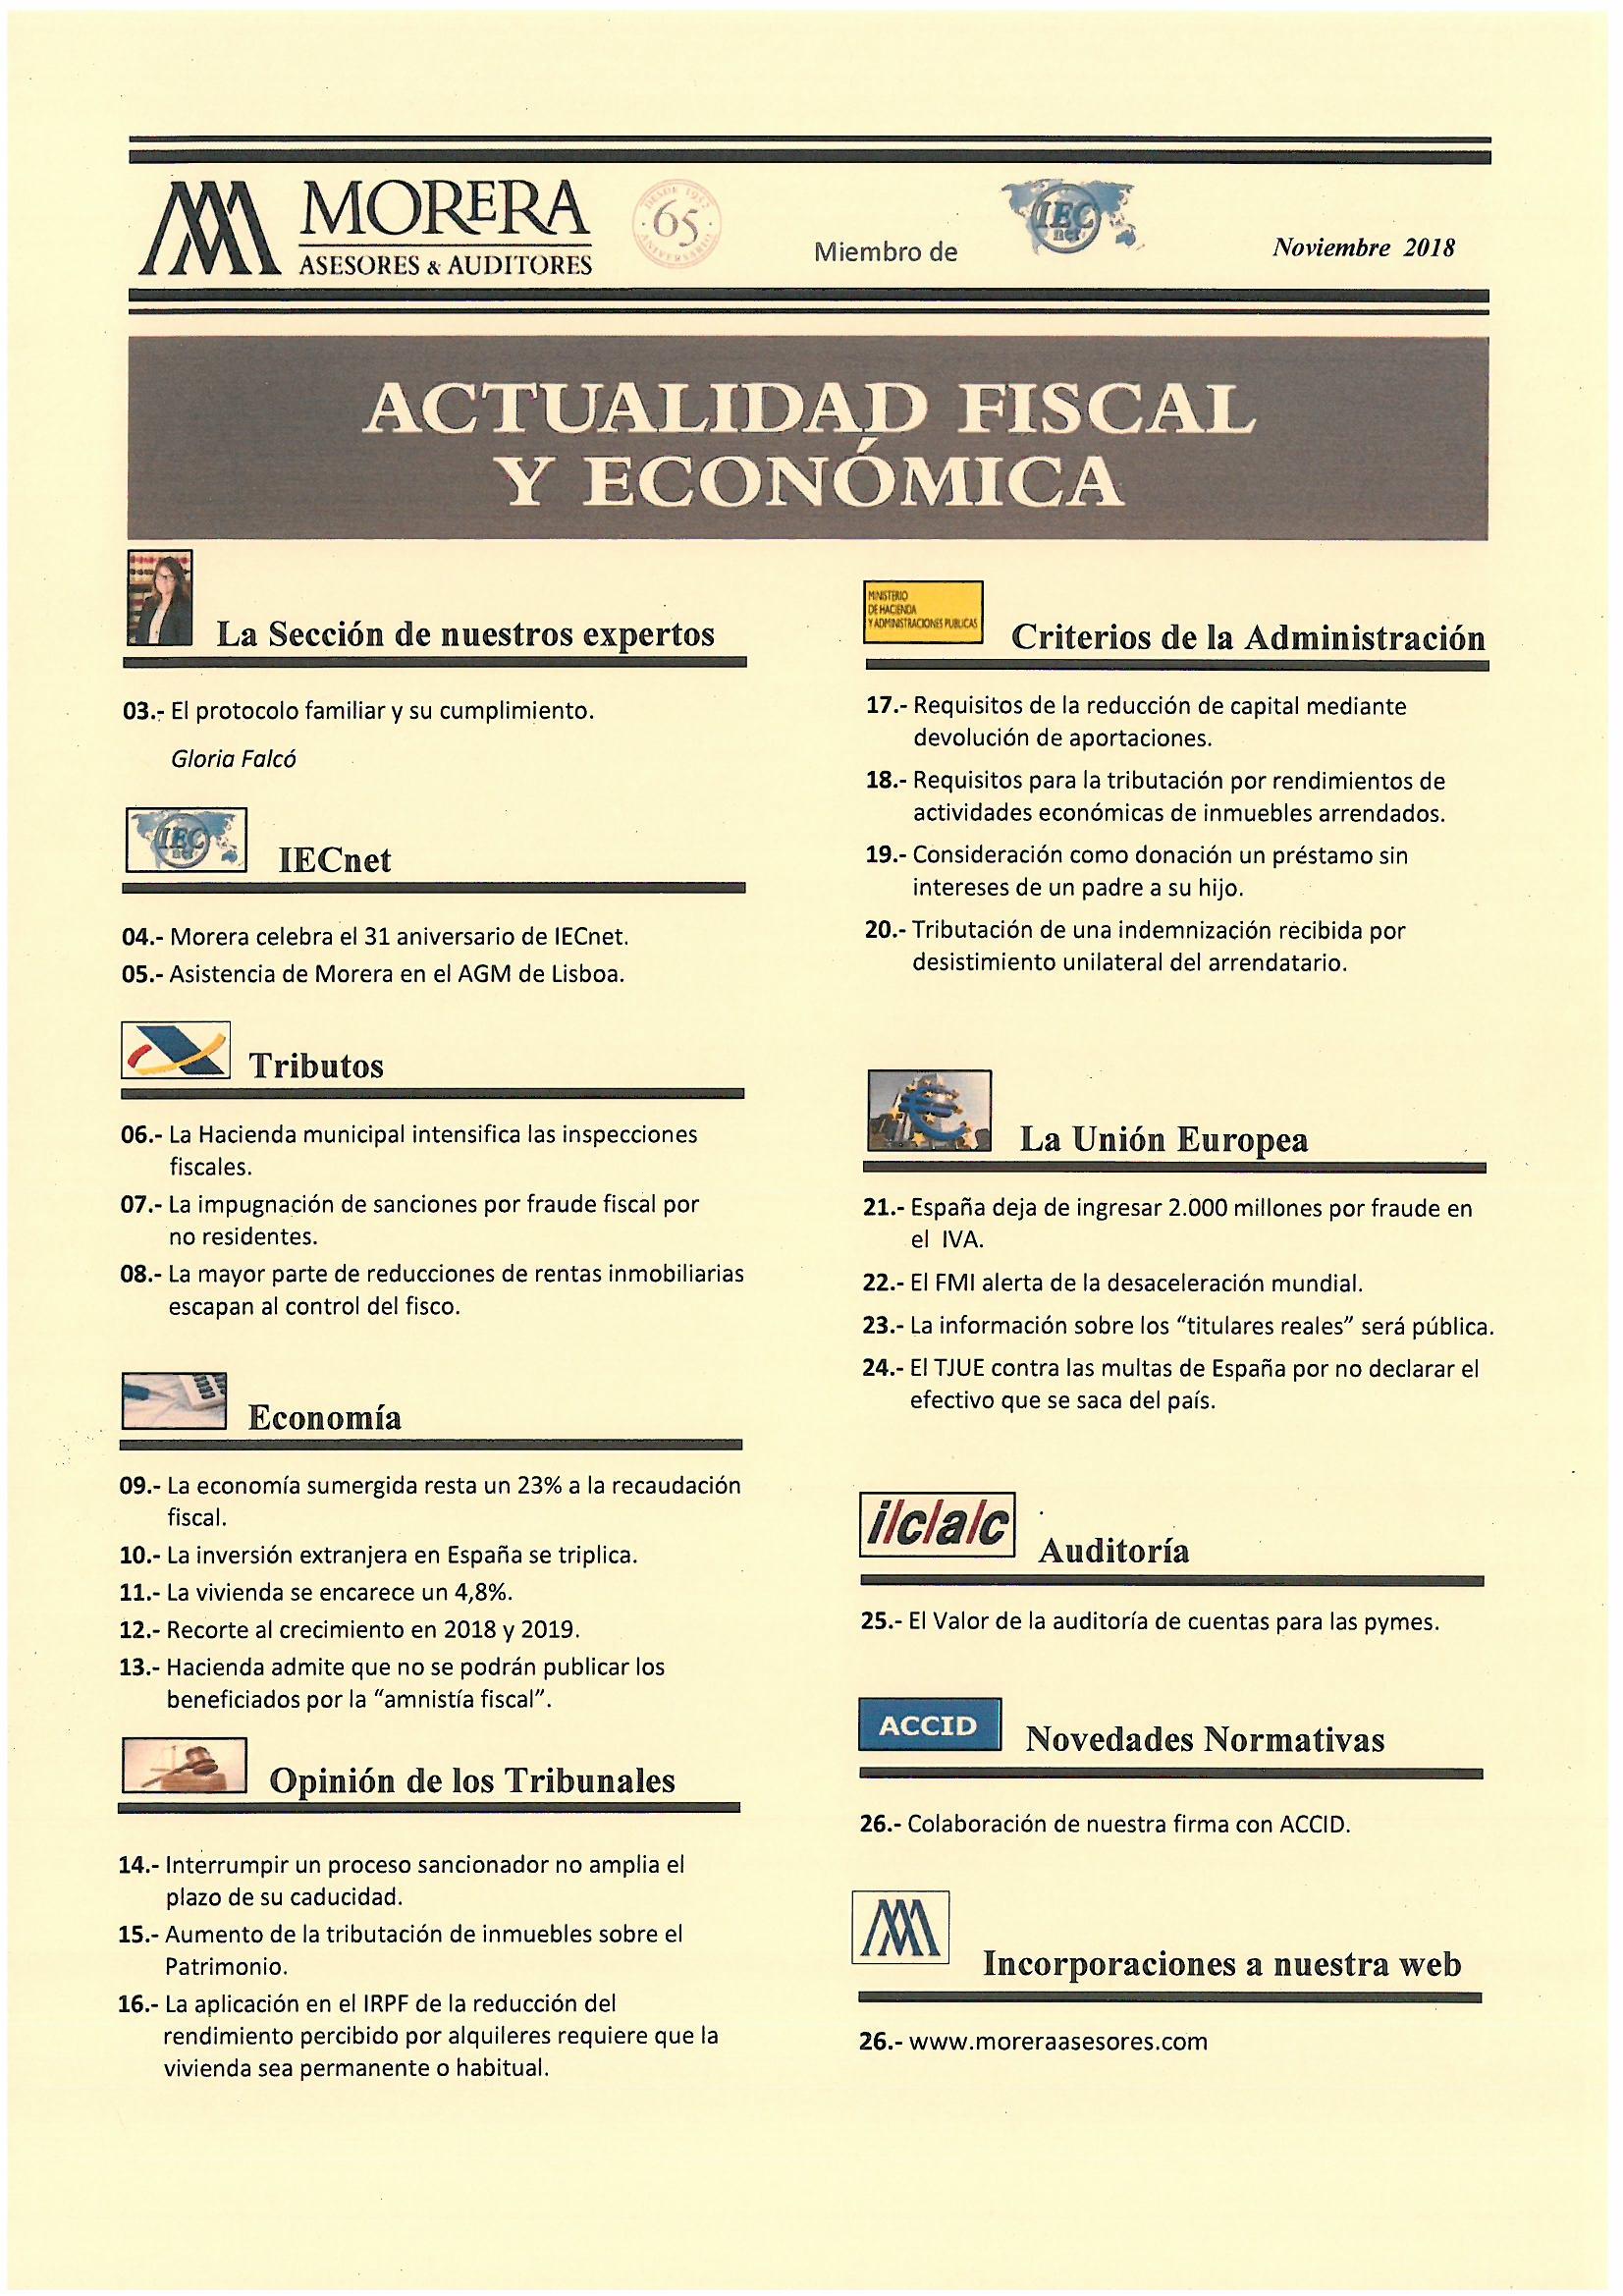 Revista Noviembre 18 Morera Asesores & Auditores